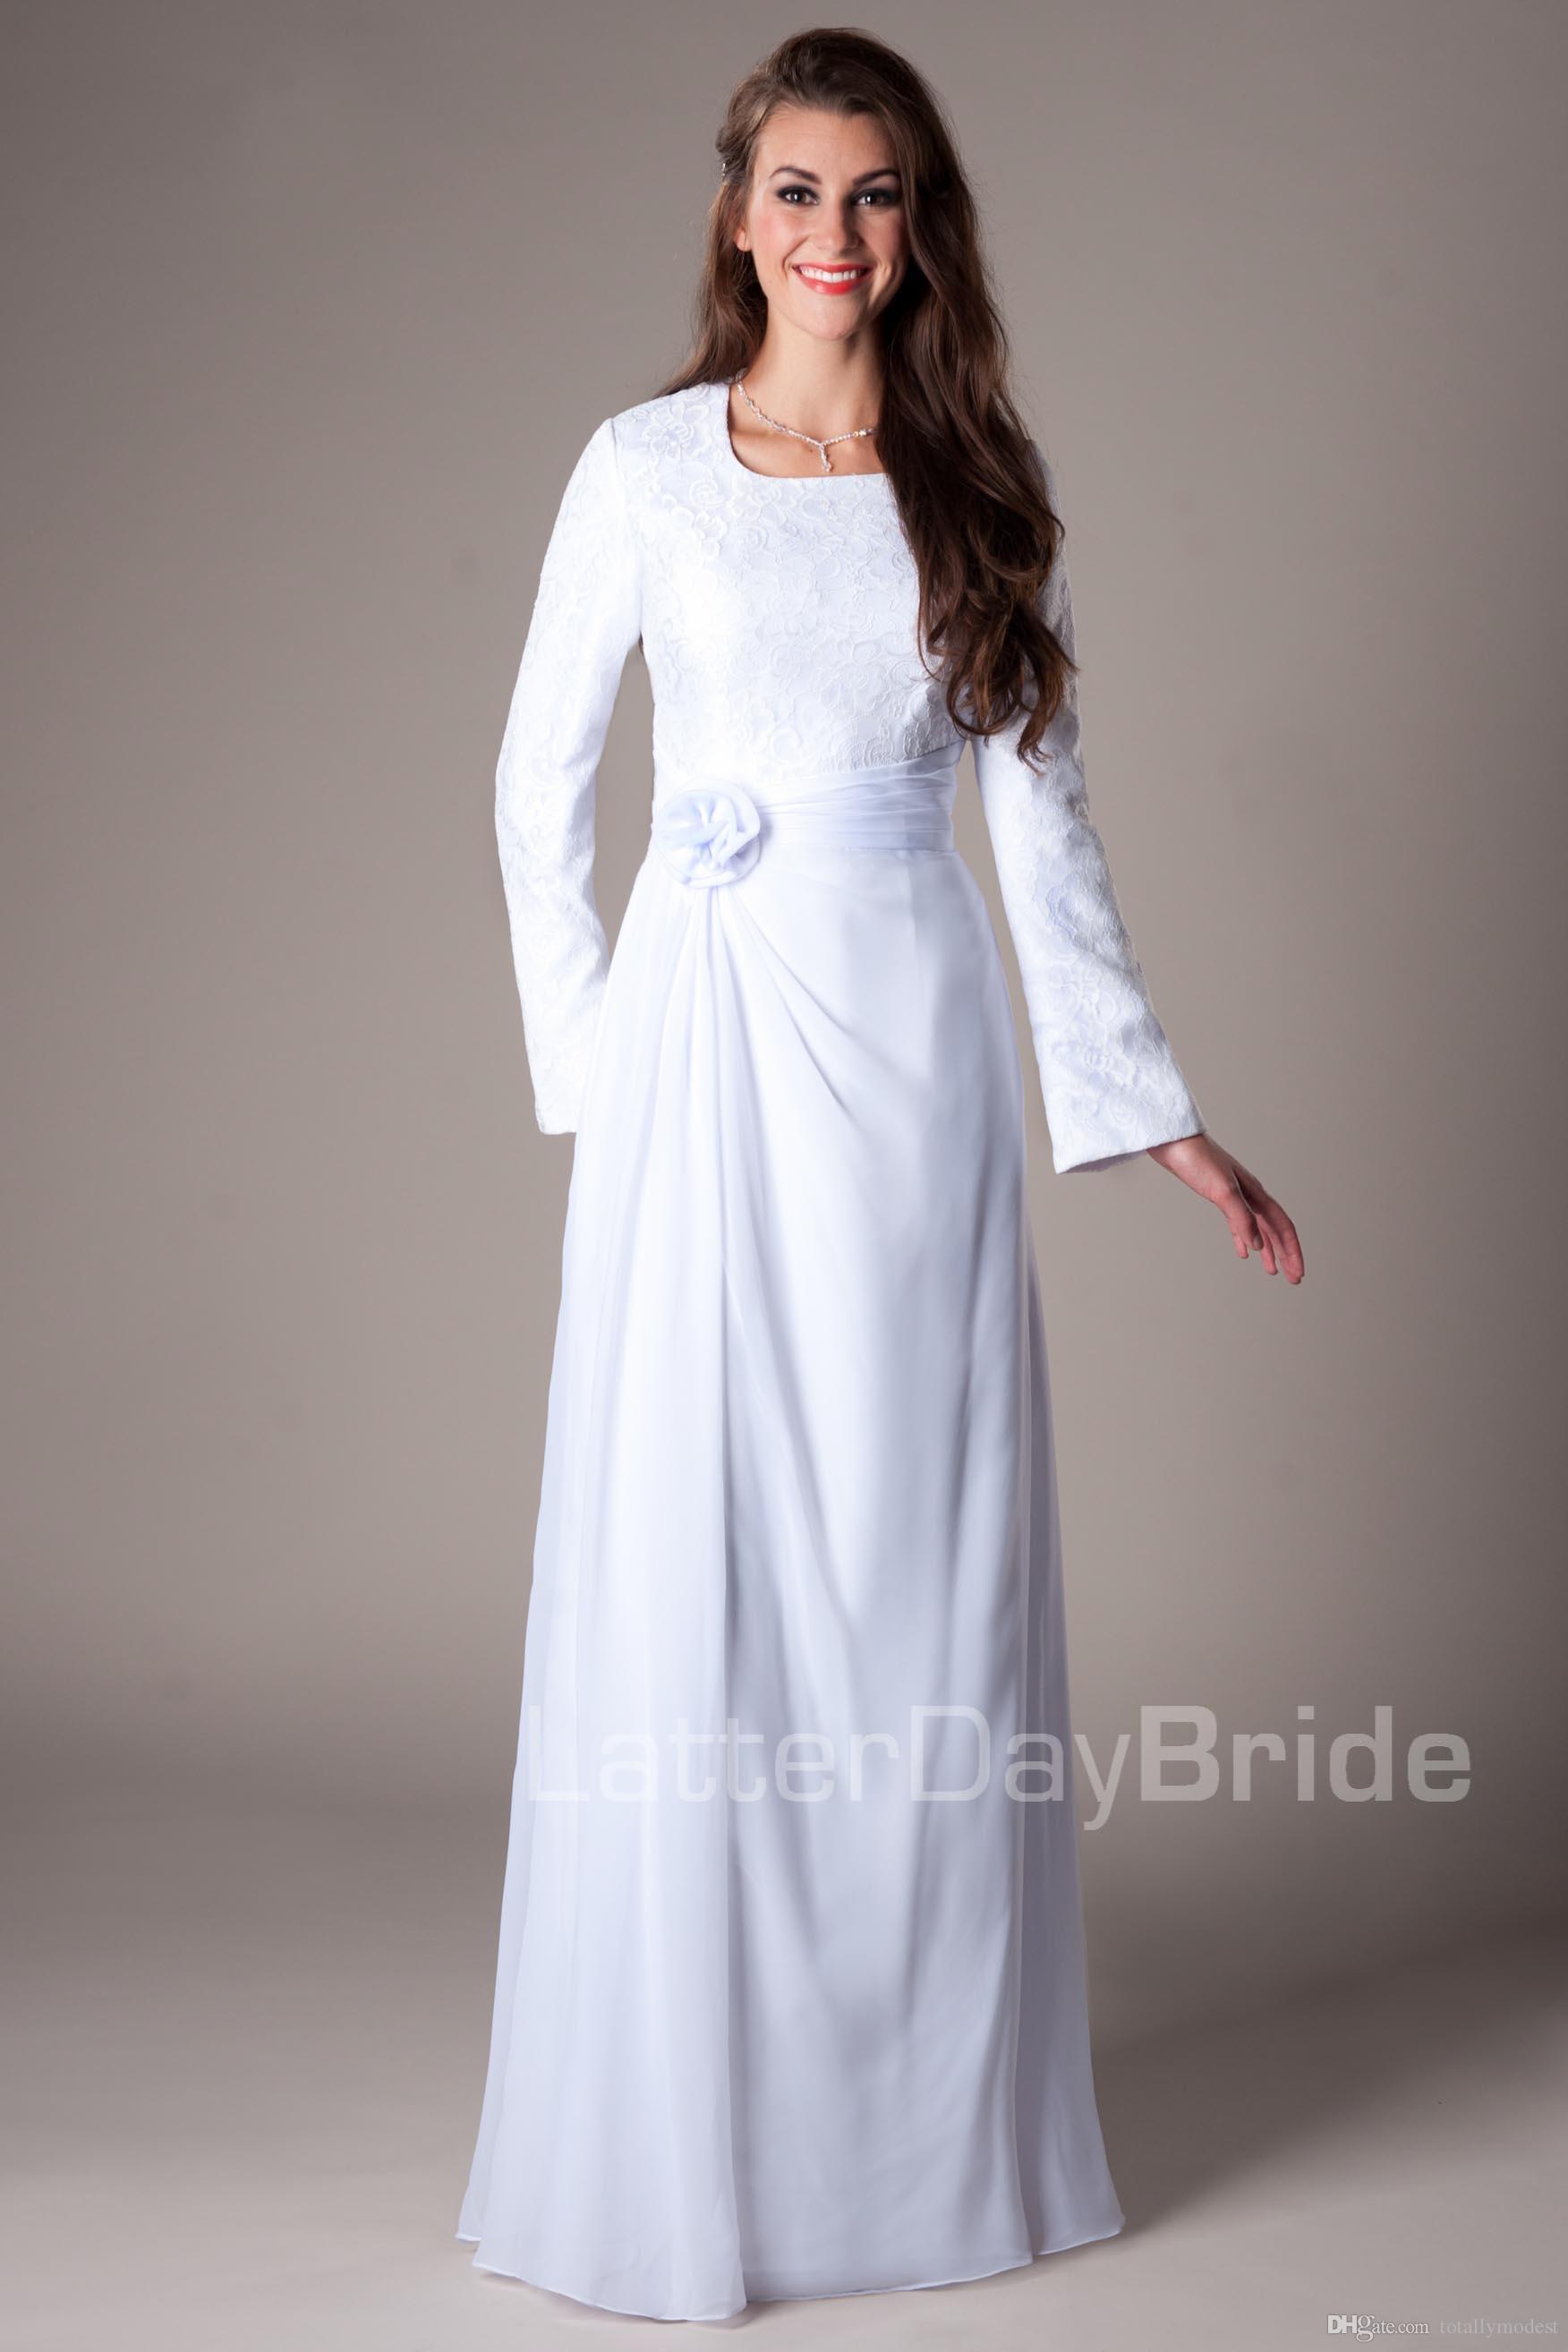 빈티지 화이트 레이스 쉬폰 긴 소매 사원 겸손한 웨딩 드레스 비공식 리셉션 가운 긴 바닥 길이 라인 신부 가운